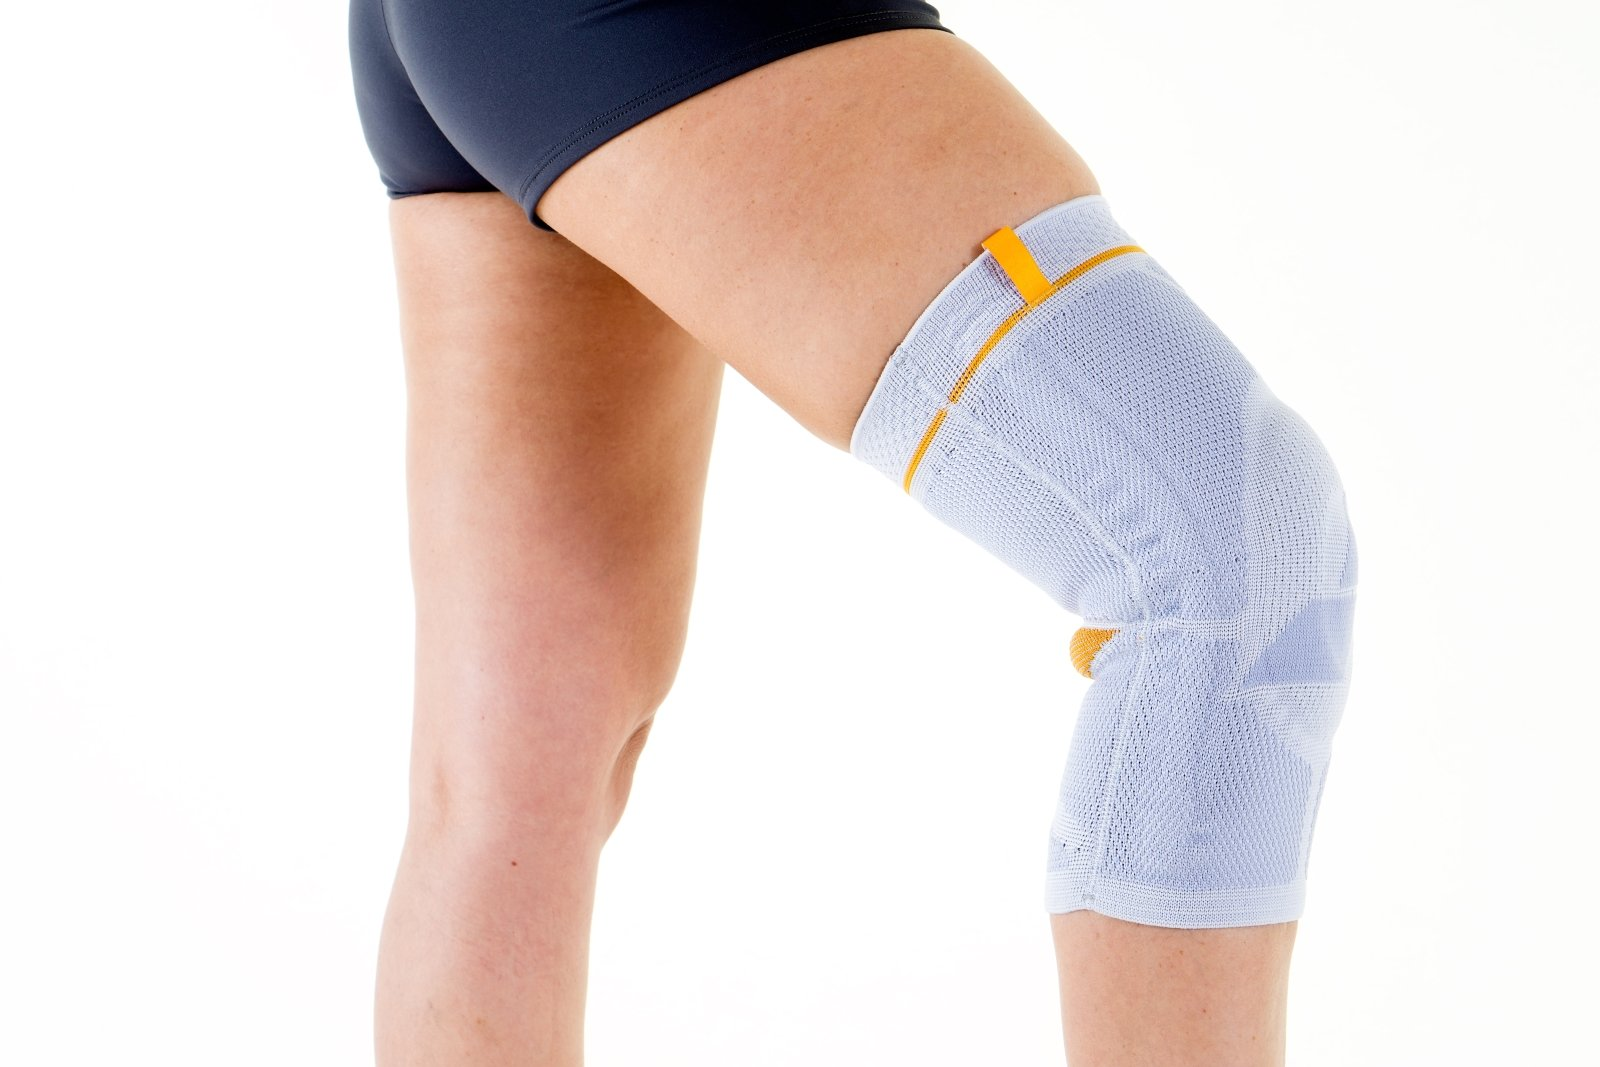 Chiudere, su, donna, usando, elastico, flessibile, sostegno, ortopedico, gancio, piegato, ginocchio